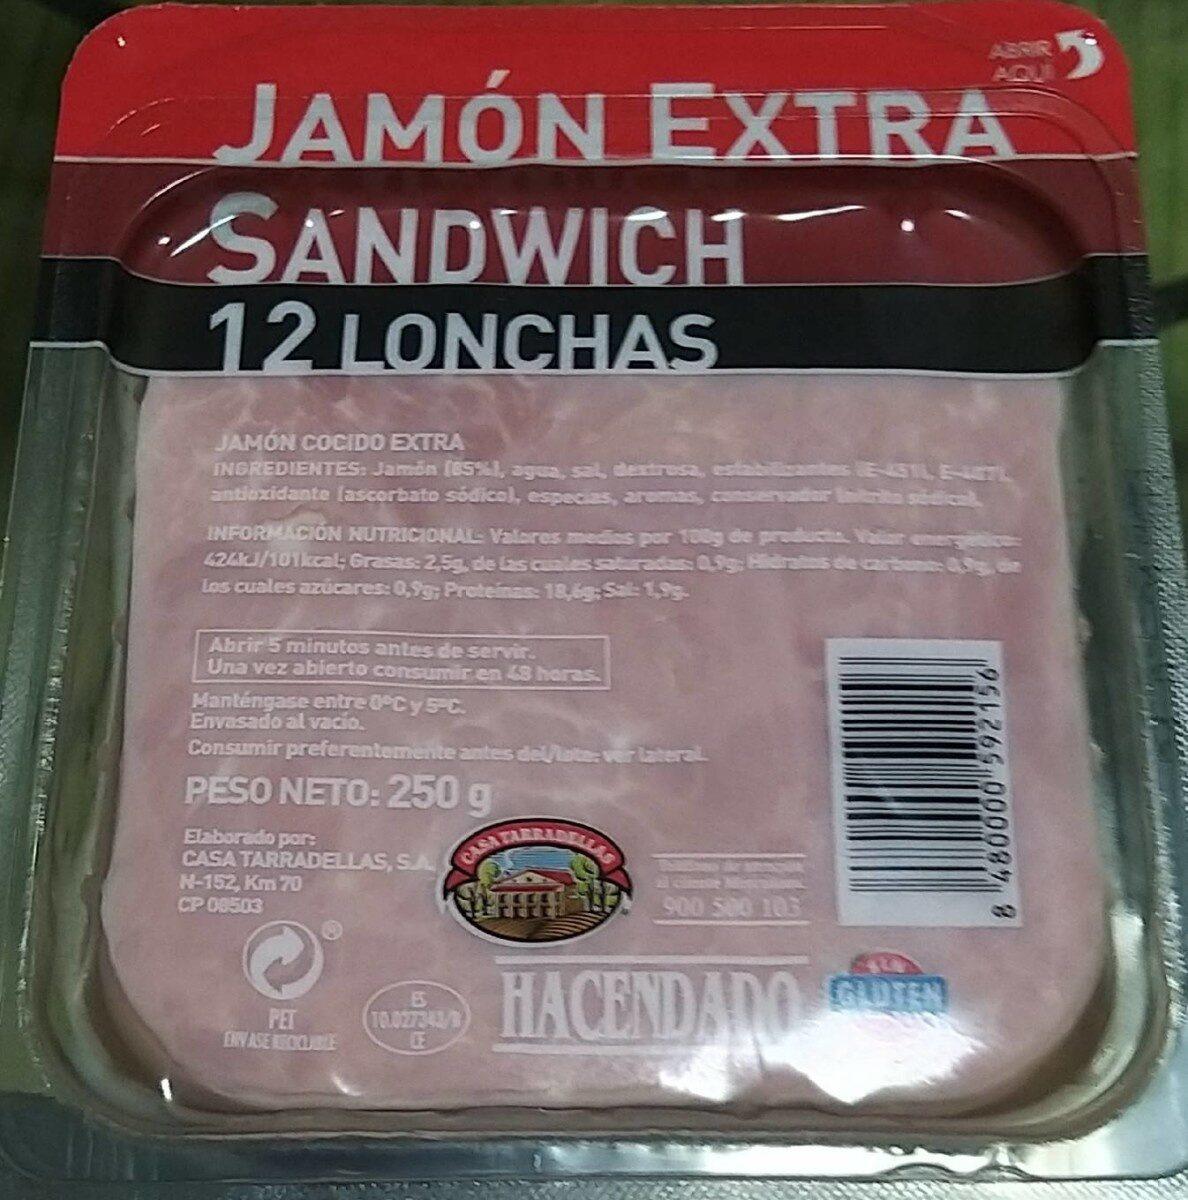 Jamón extra sandwich - Produit - es